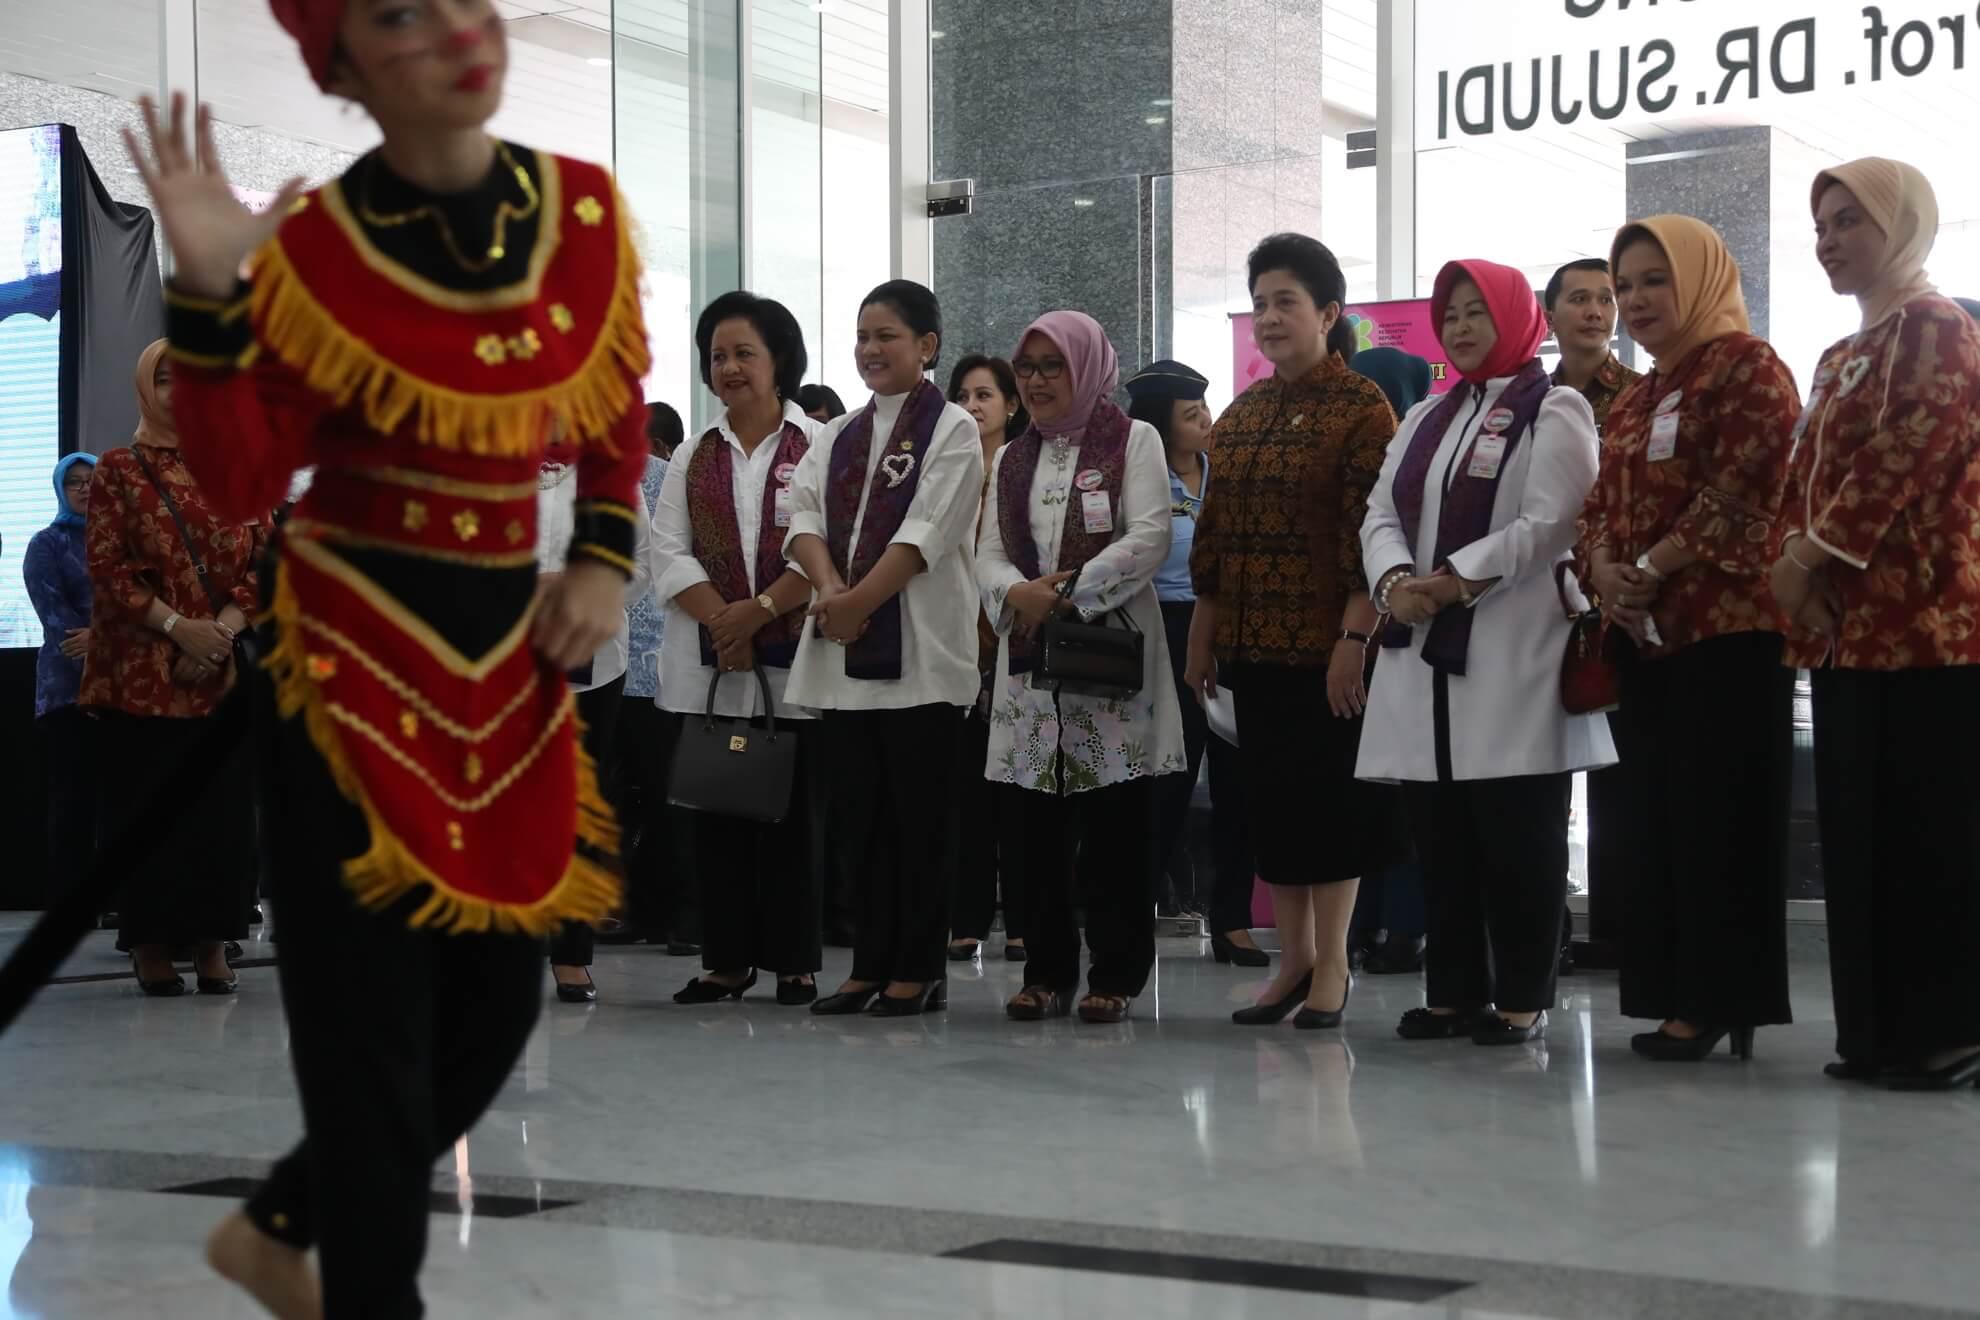 menkes-iriana-joko-widodo-mufidah-jusuf-kalla-menyaksikan-sambutan-tari-selamat-datang